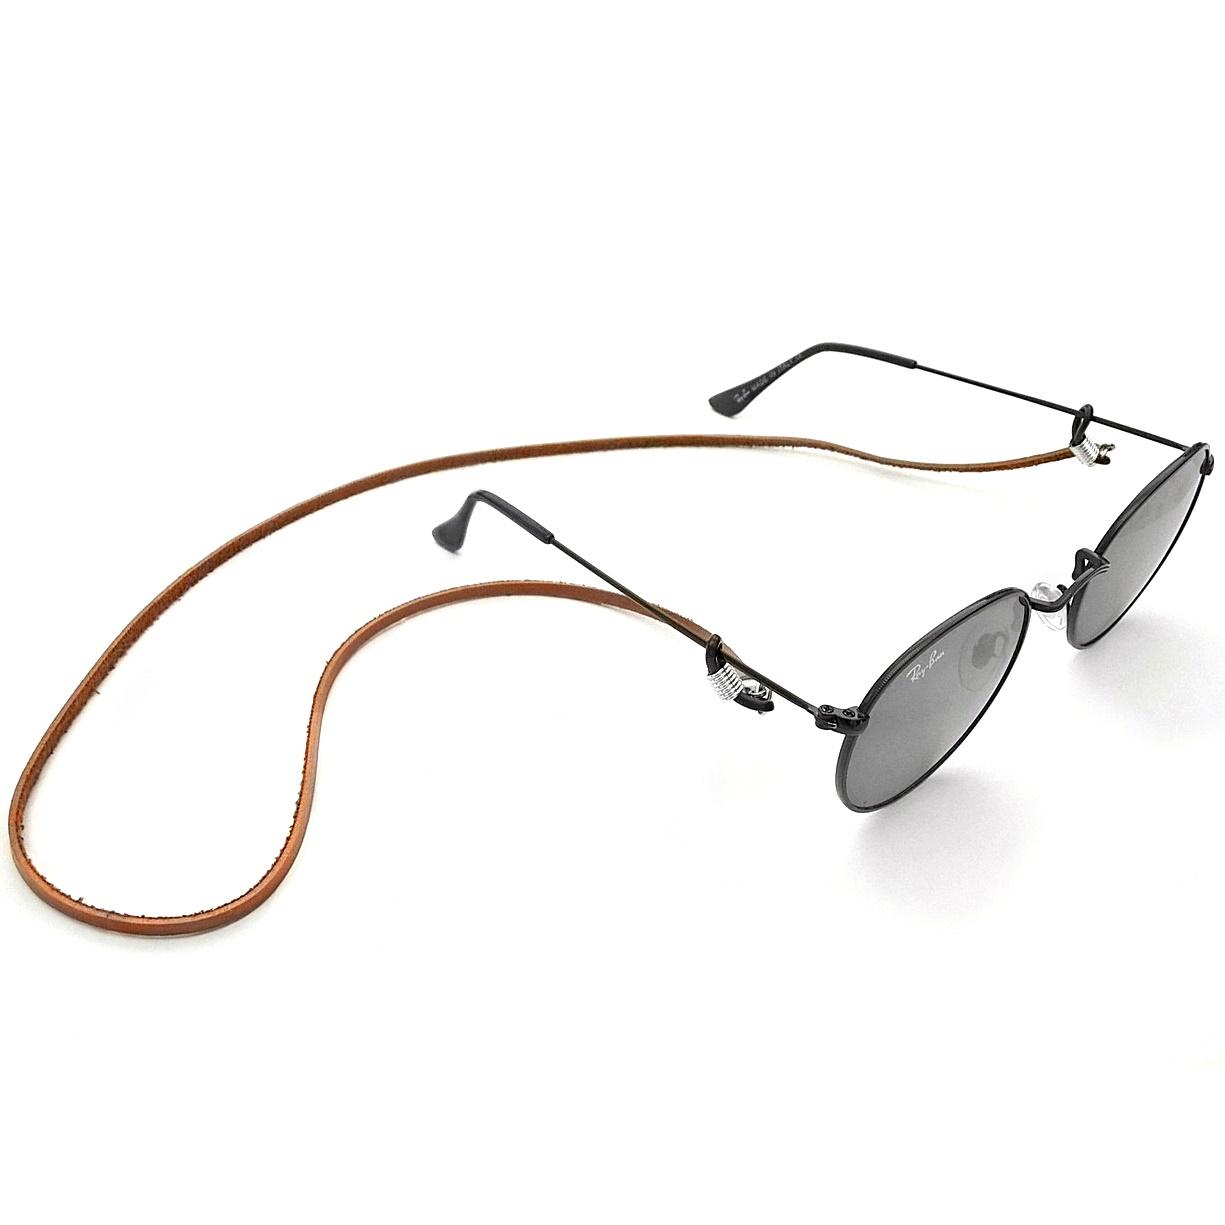 Cordao para Pendurar Oculos de Grau e de Sol   Elo7 d4813f0c58